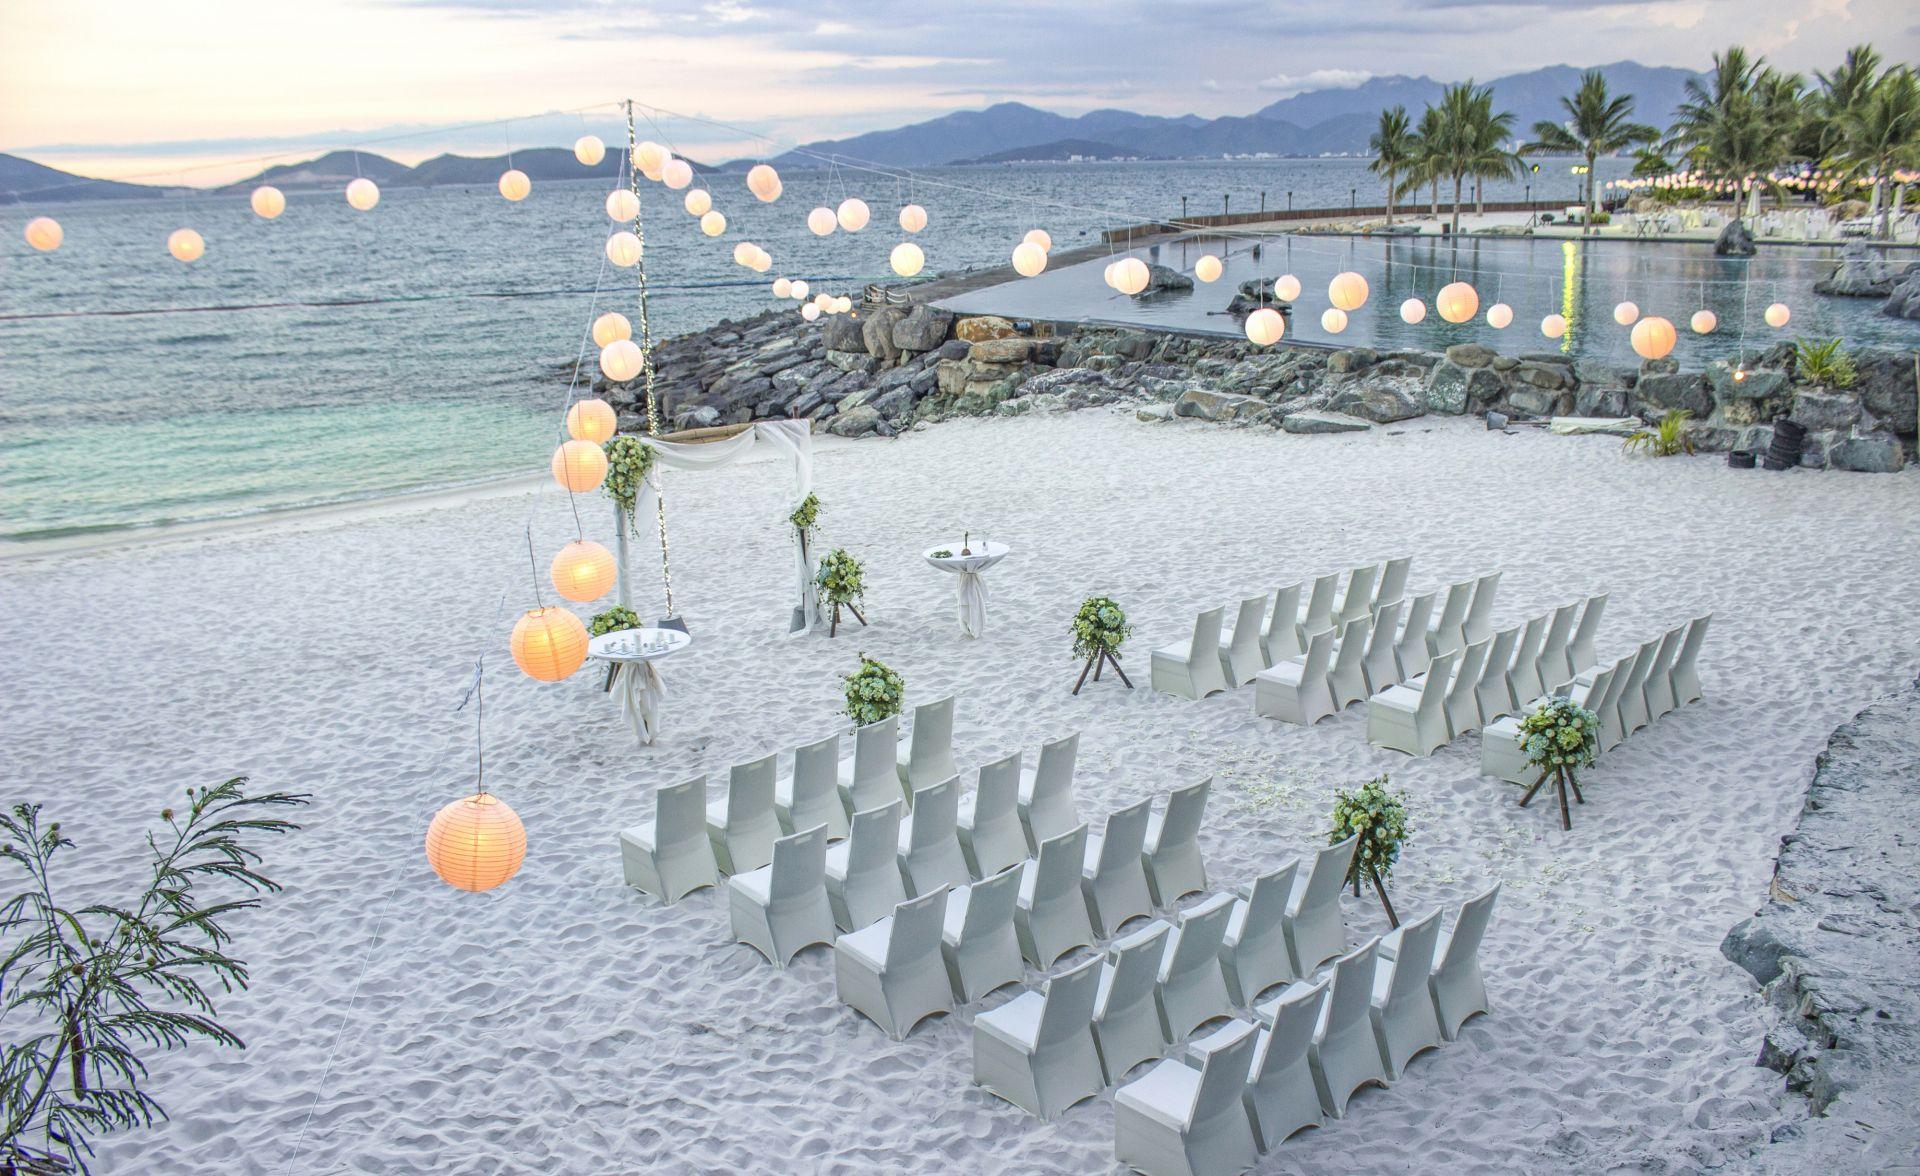 5 gợi ý tuyệt vời cho đám cưới lãng mạn trên bãi biển